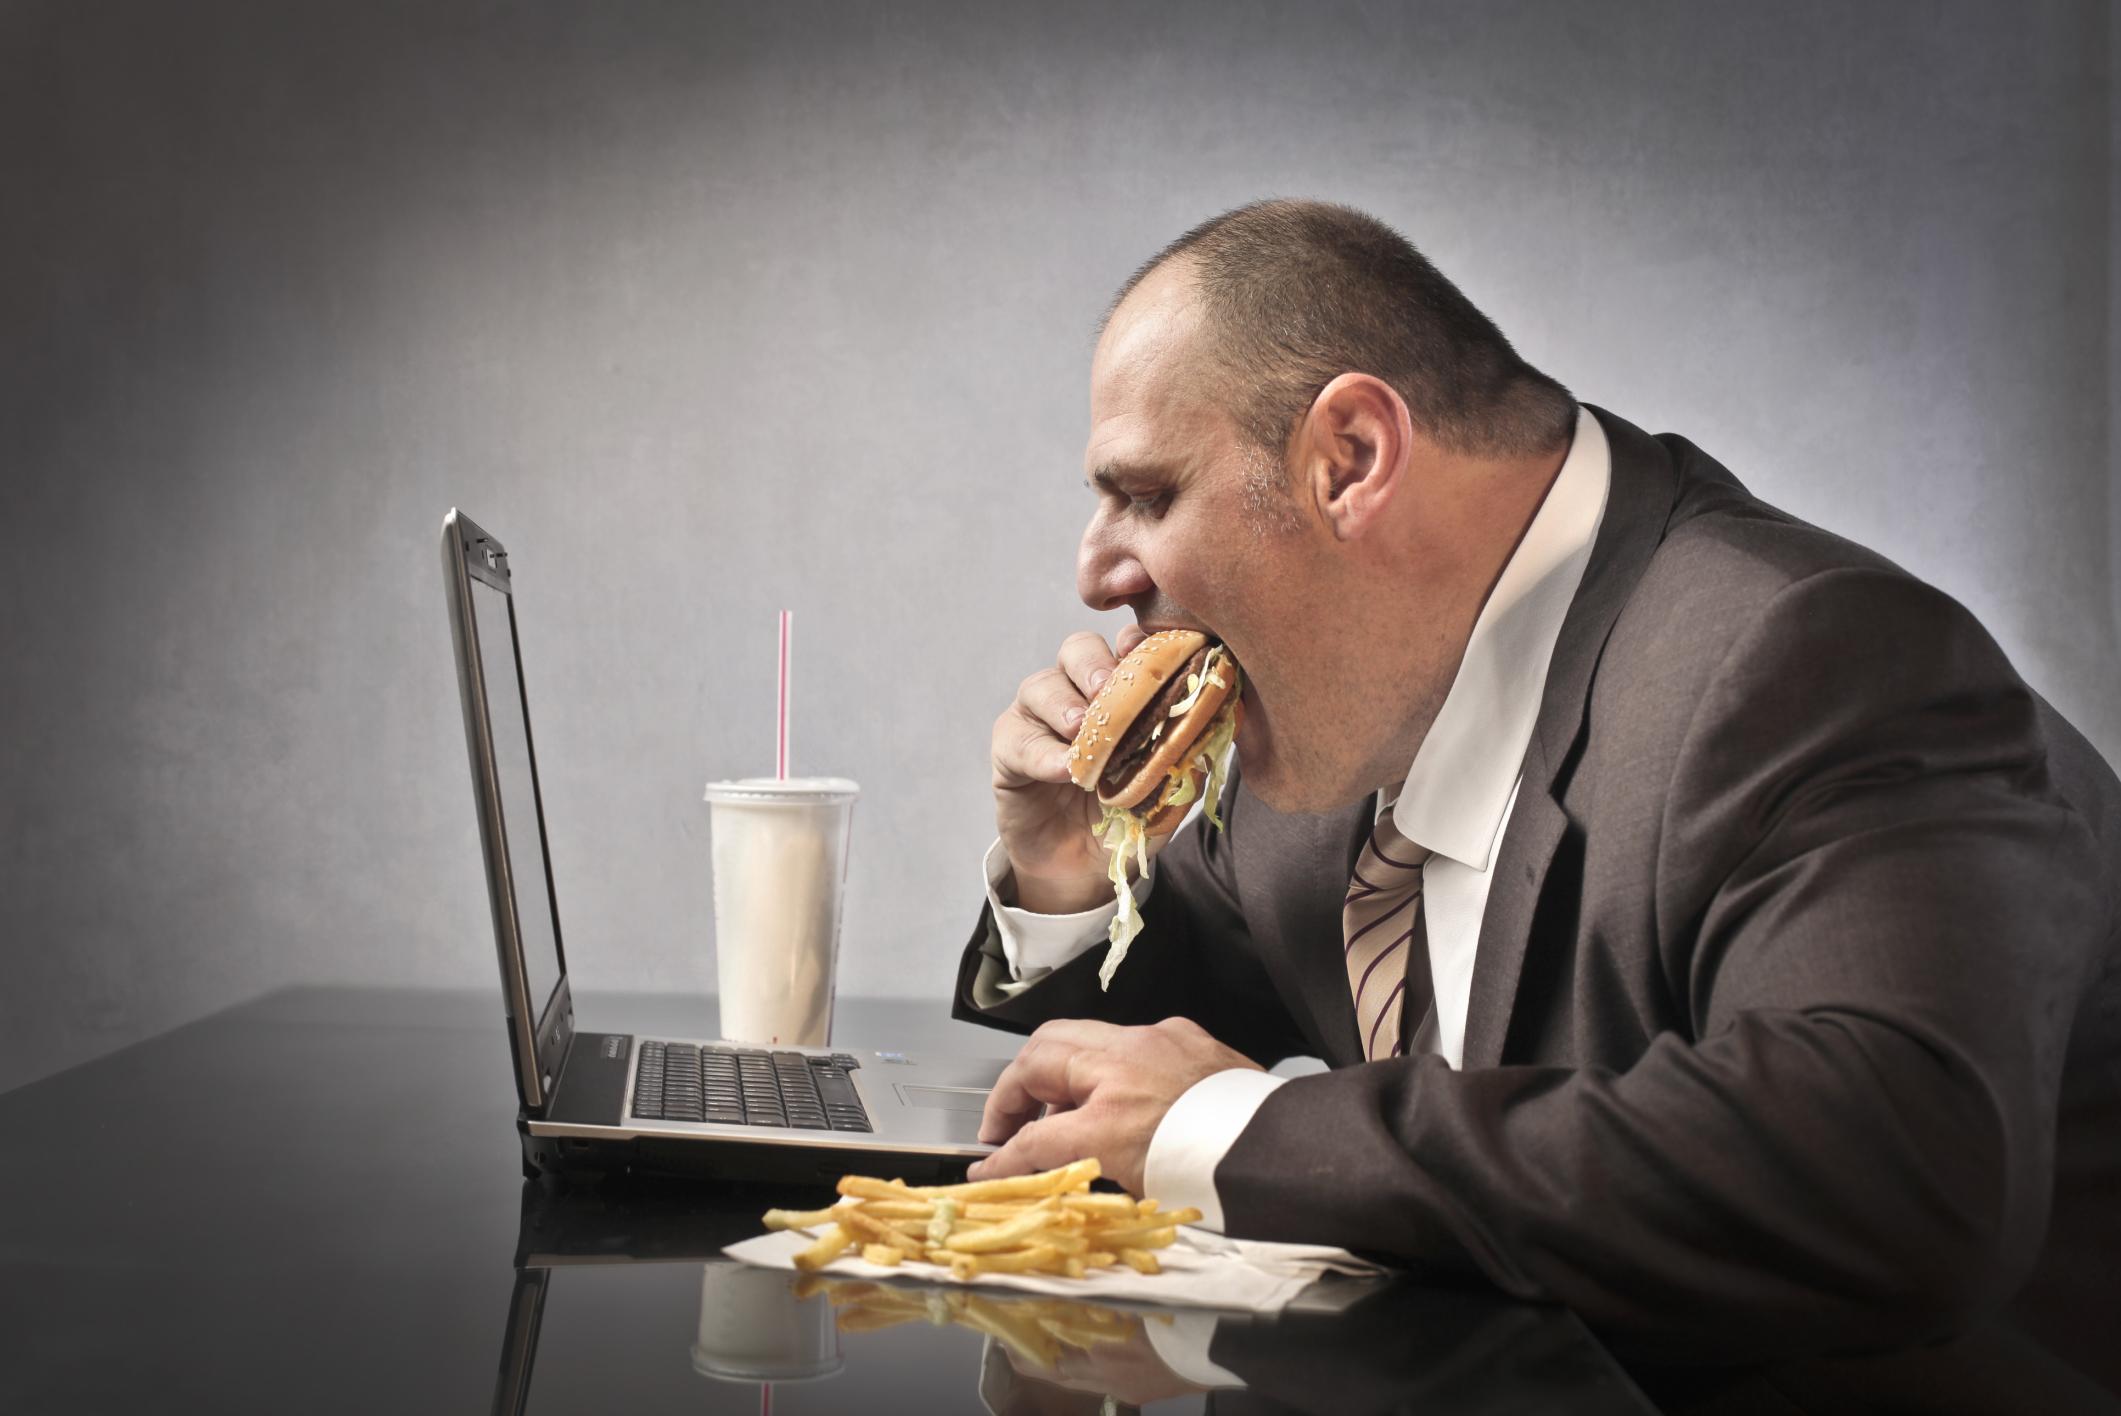 9 23 social media and obesity.jpg - 5 motivos pelos quais as pessoas engordam no trabalho